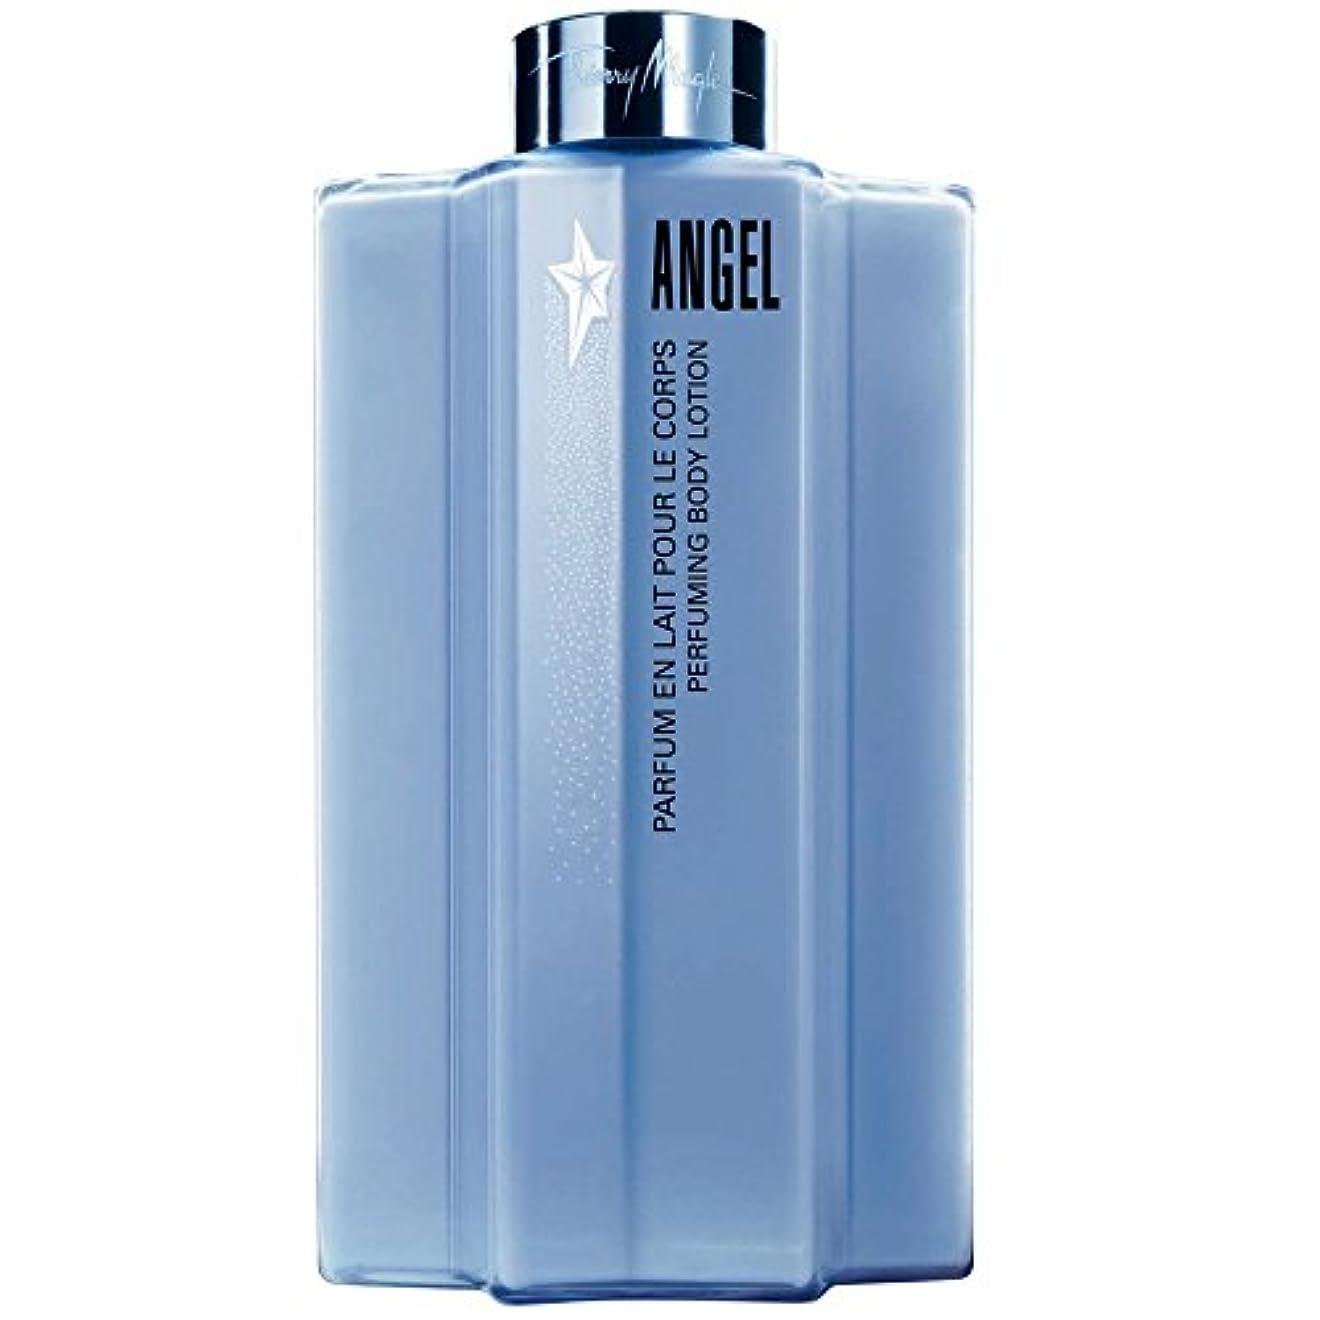 放射能準備邪魔するティエリー?ミュグレー天使のボディローション (Thierry Mugler) (x6) - Thierry Mugler Angel Body Lotion (Pack of 6) [並行輸入品]